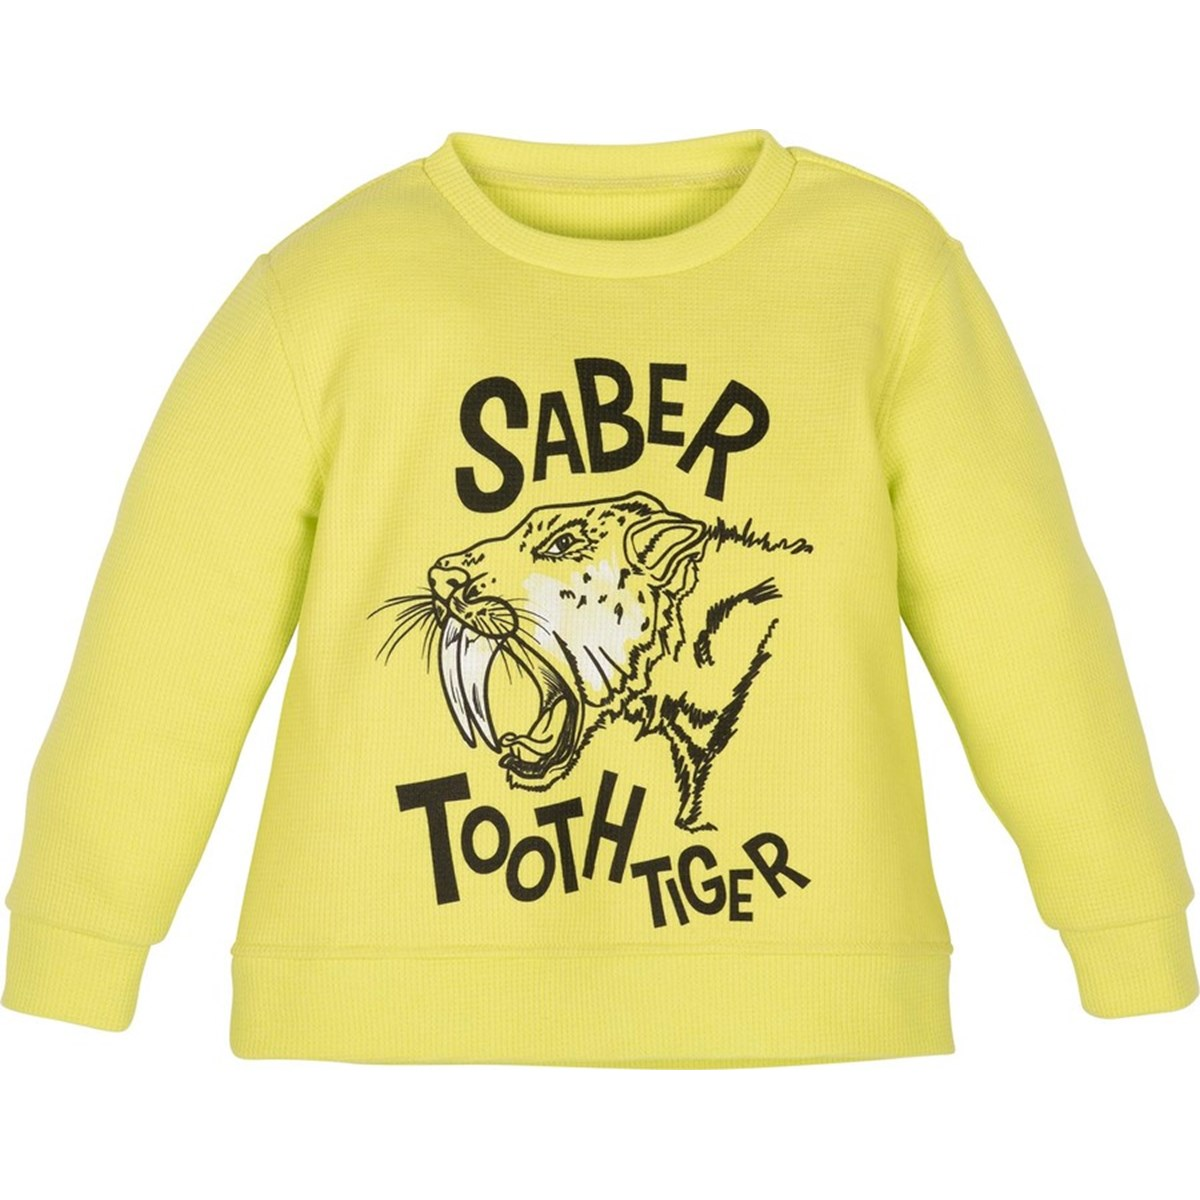 12771 Sweatshirt 1